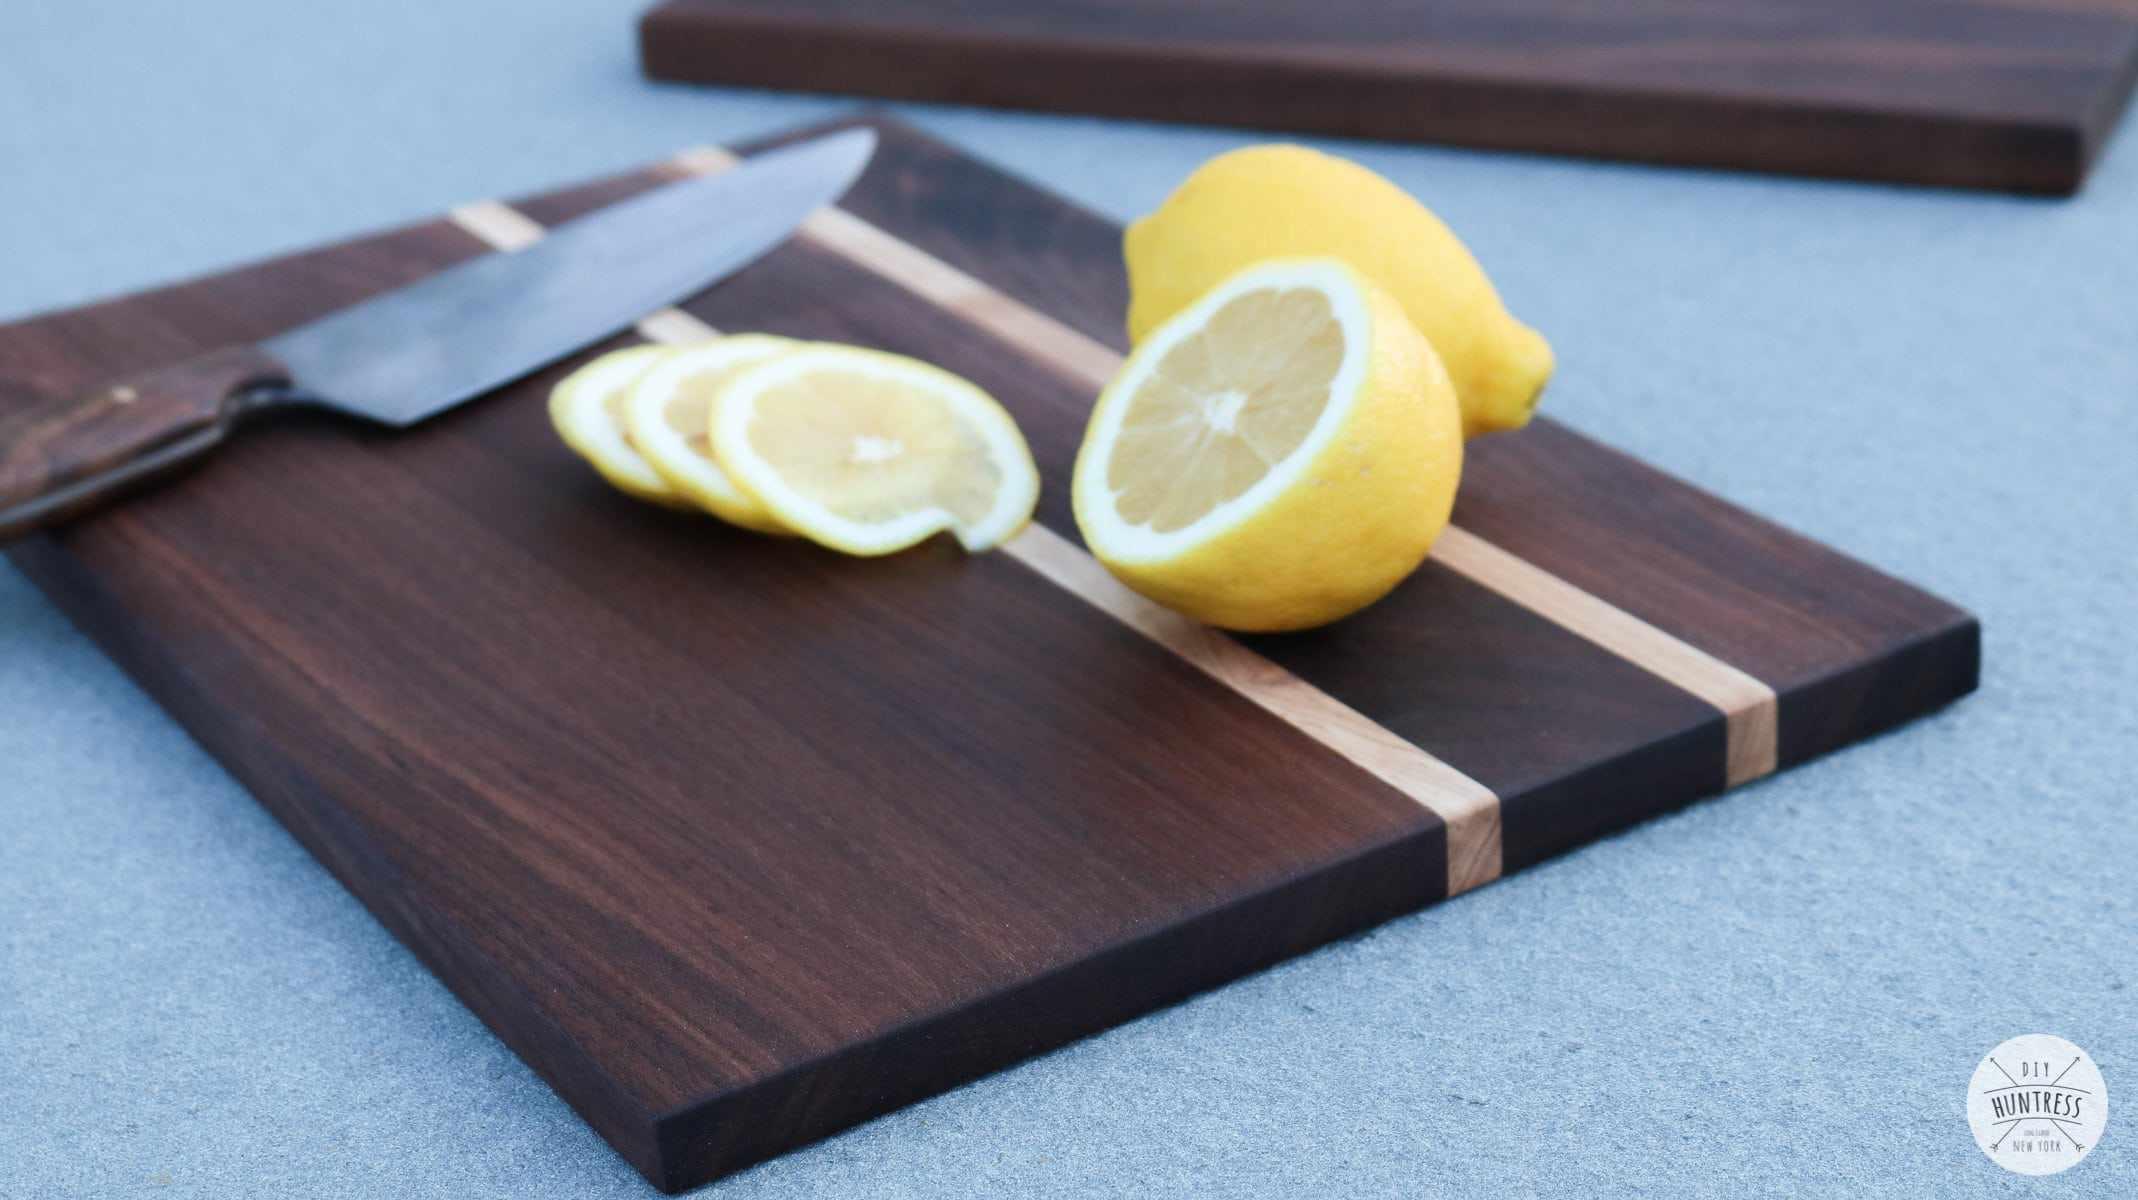 A sliced lemon on a dark wood cutting board.